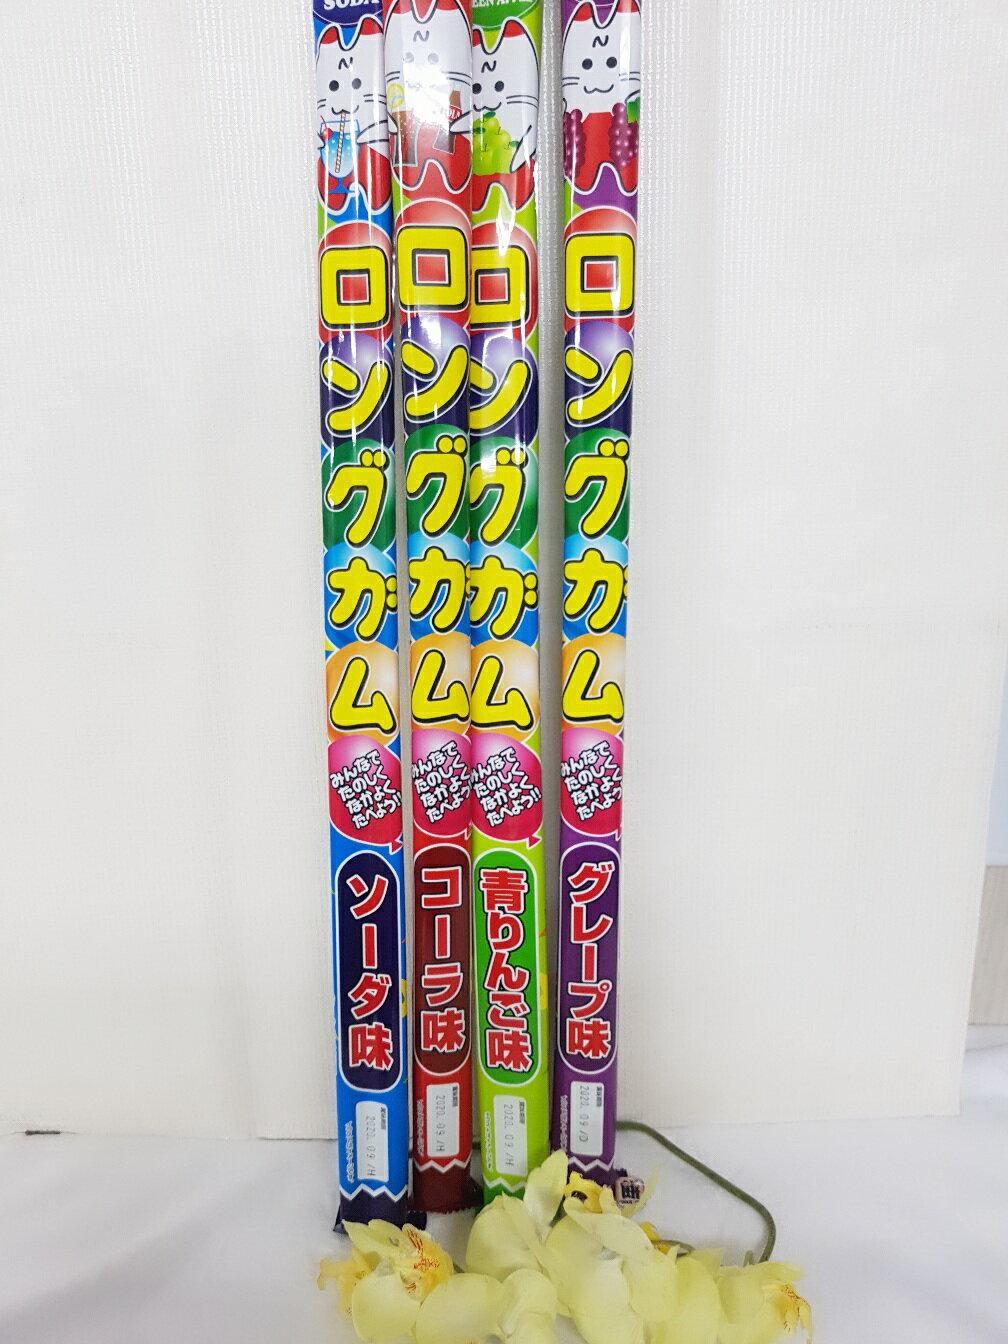 NOZAKI日本超長綜合口香糖-60g條